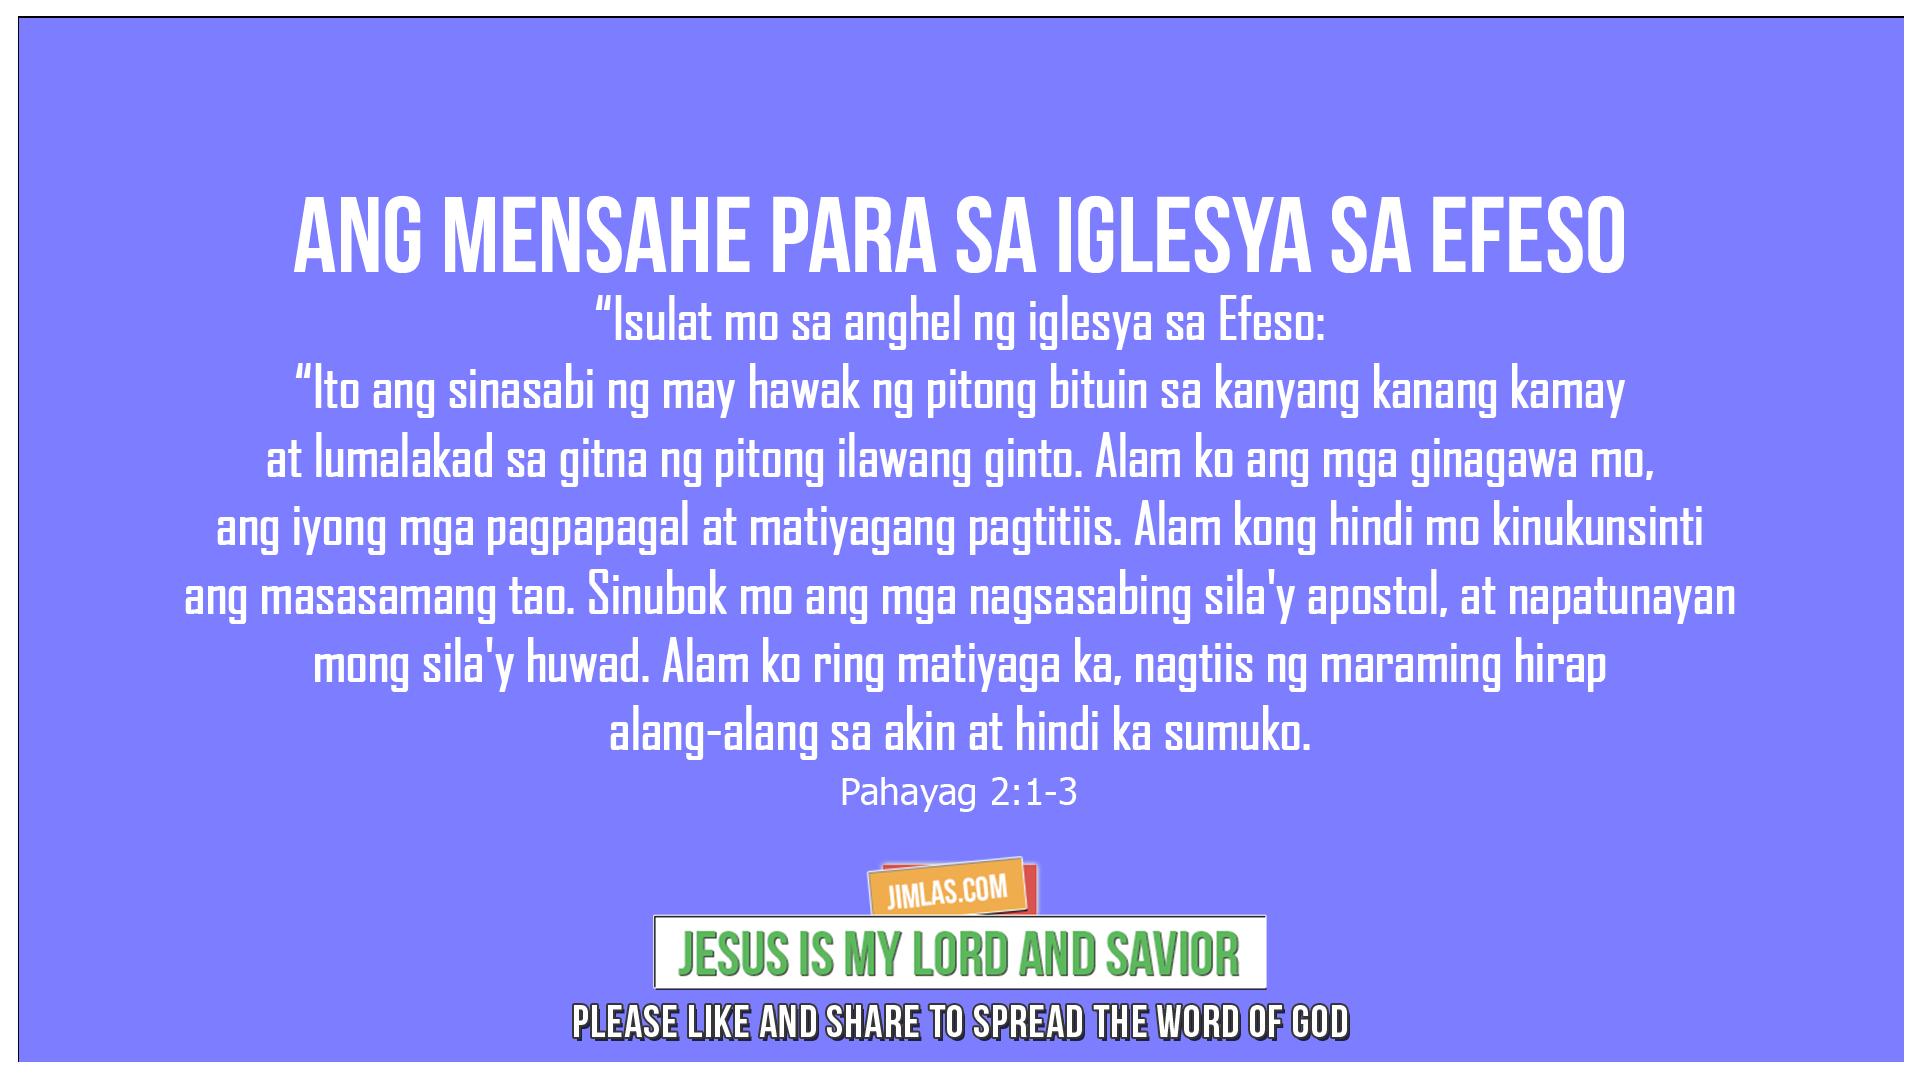 Pahayag 2:1-3, Pahayag 2:1-3